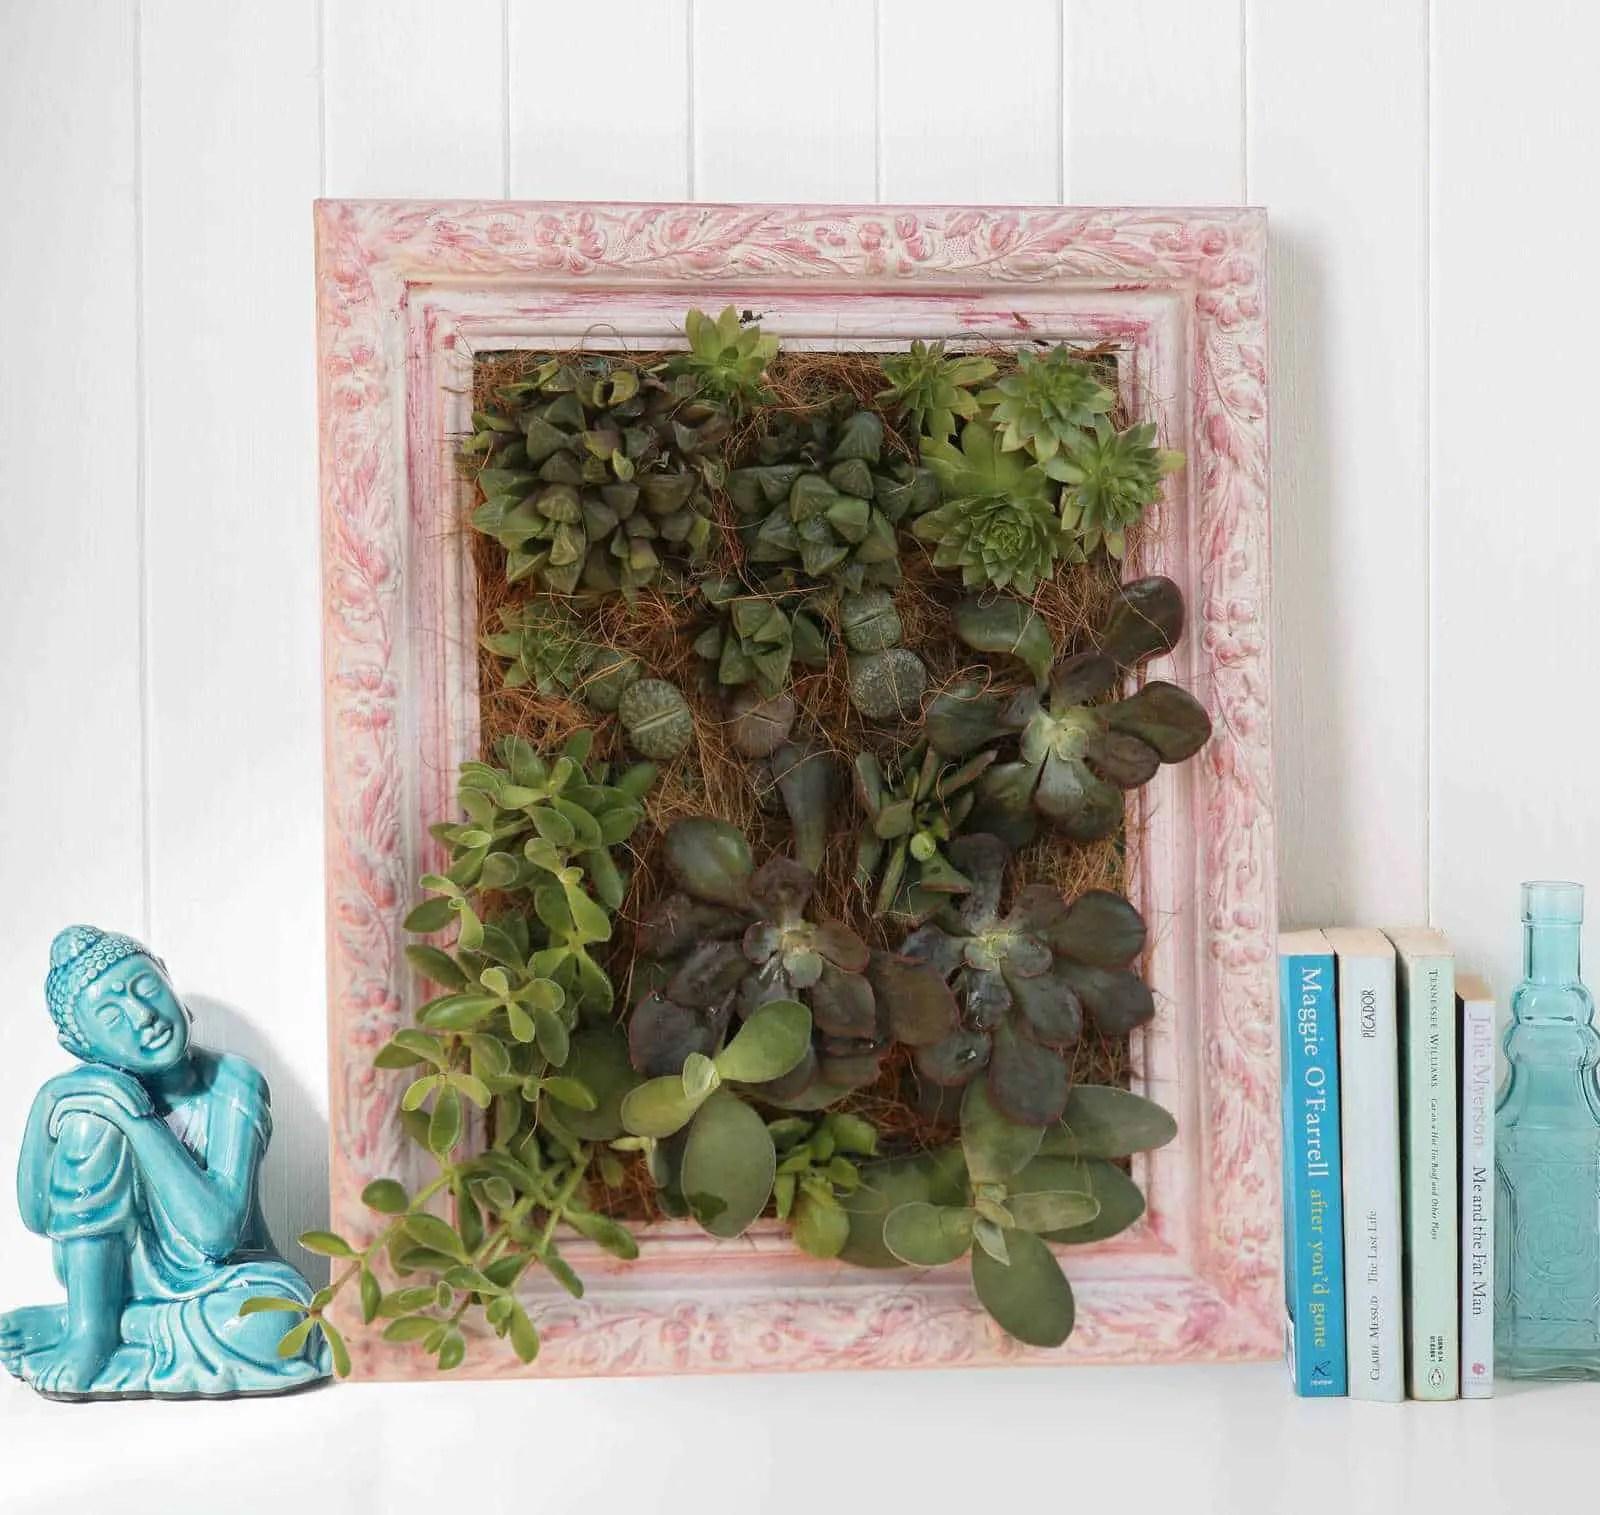 Cómo hacer un cuadro vivo con plantas crasas paso a paso - Por ...